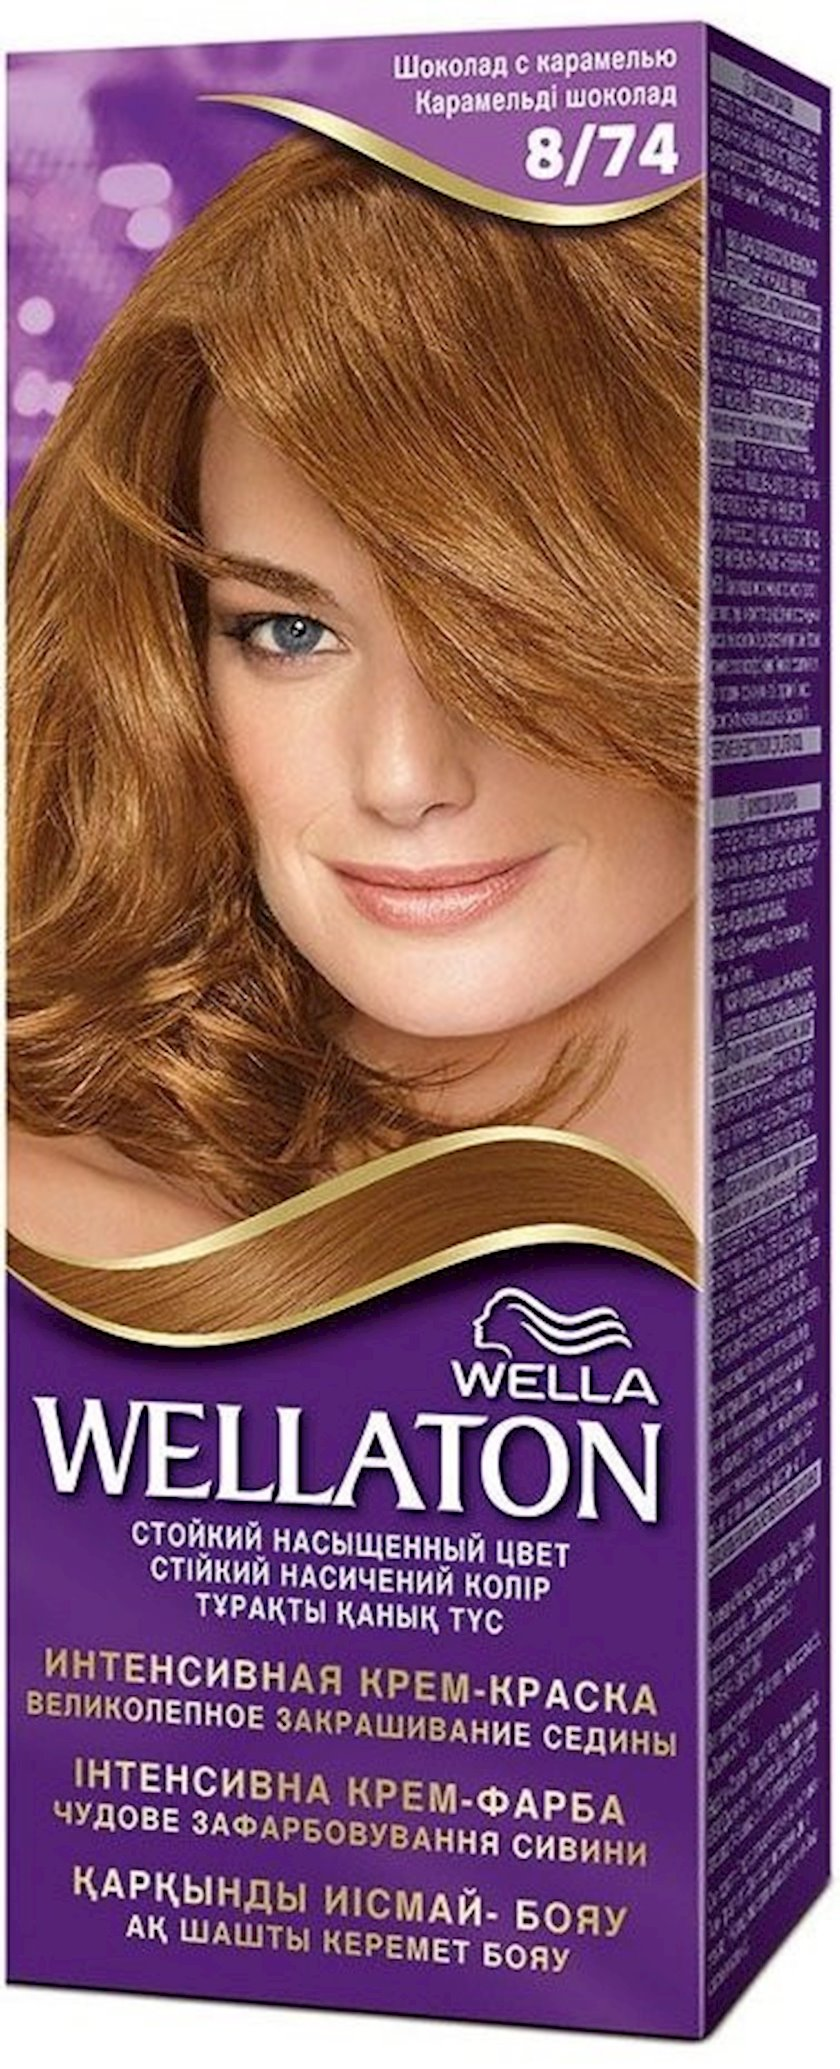 Saç boyası Wellaton 8/74 Karamel ilə şokolad